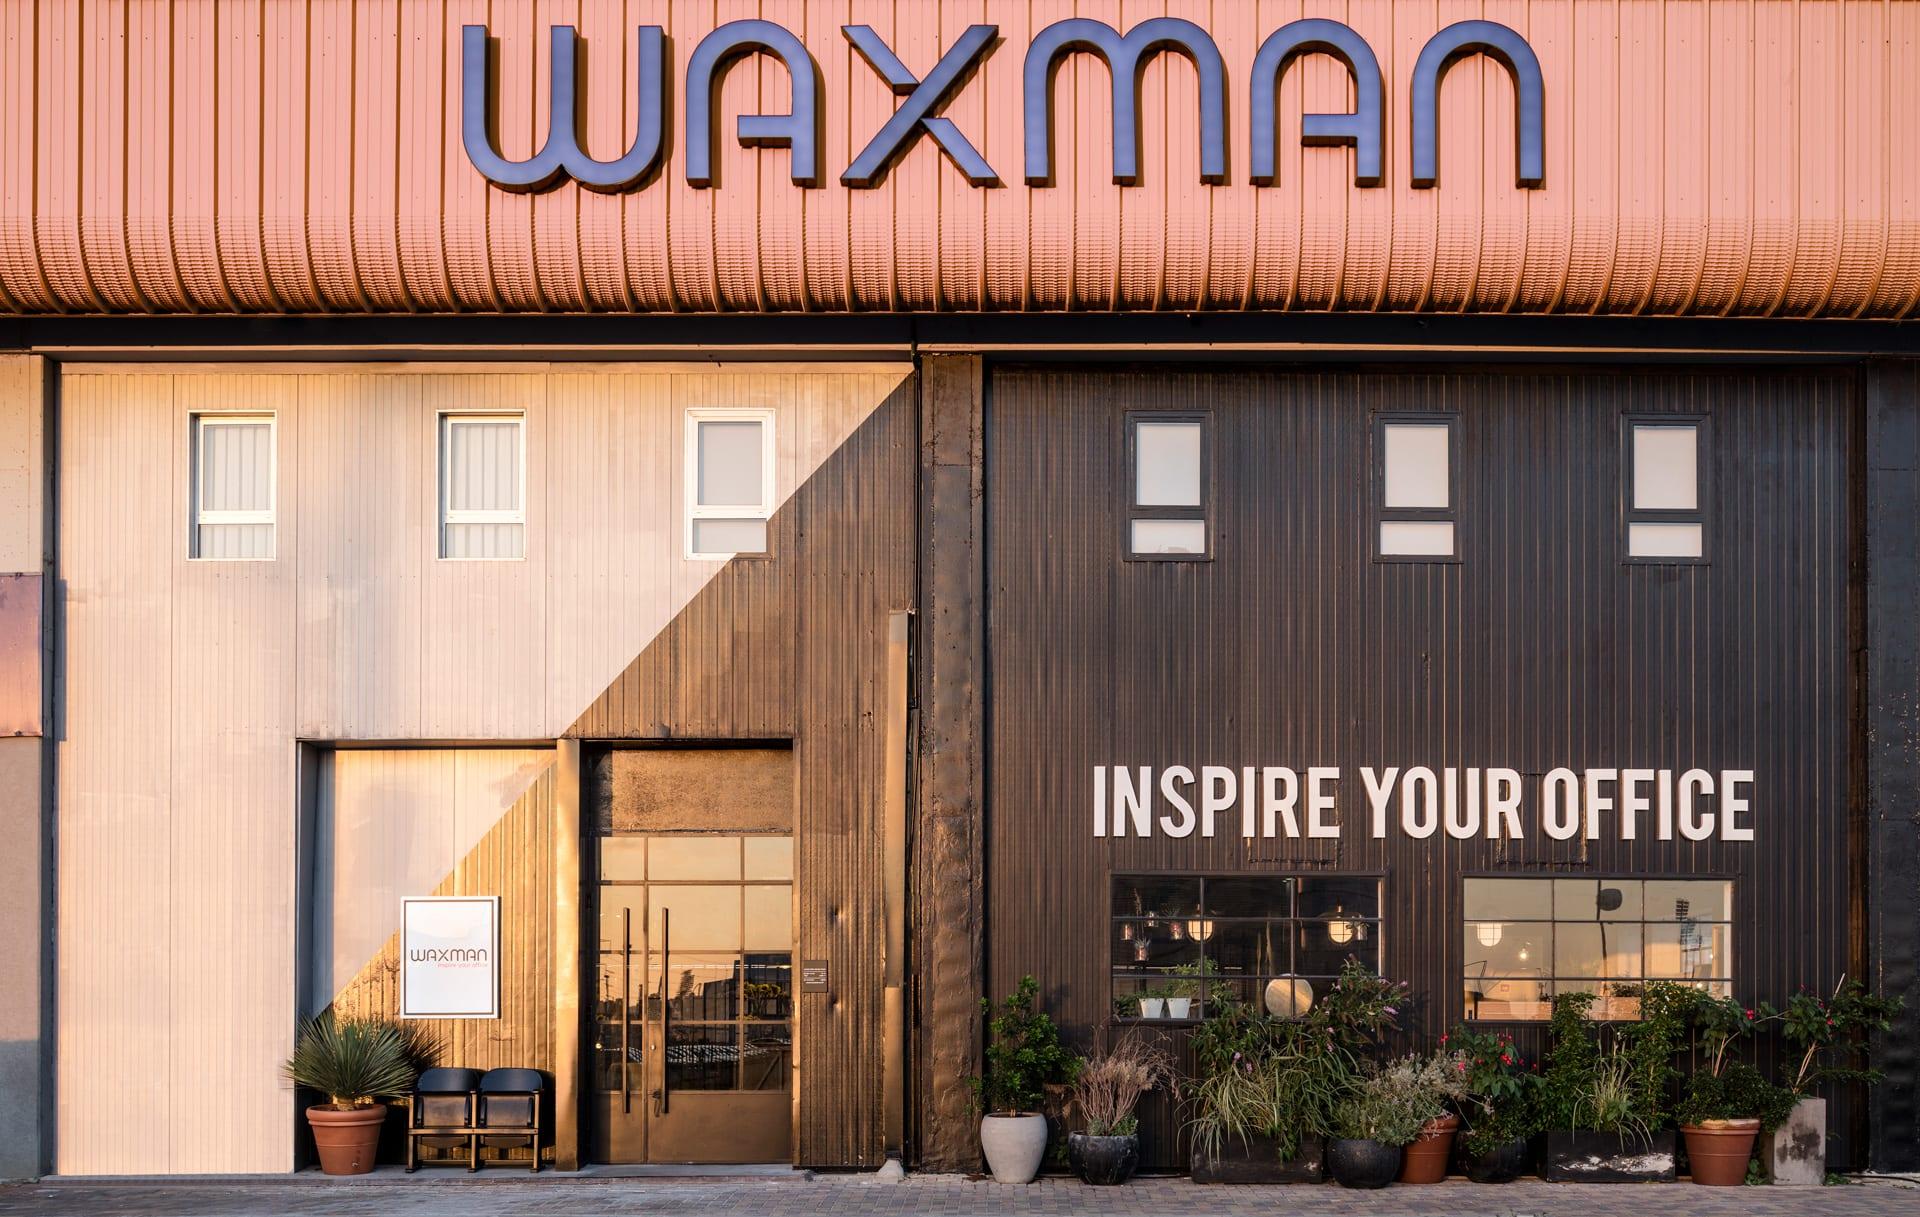 WAXMAN SHOWROOM